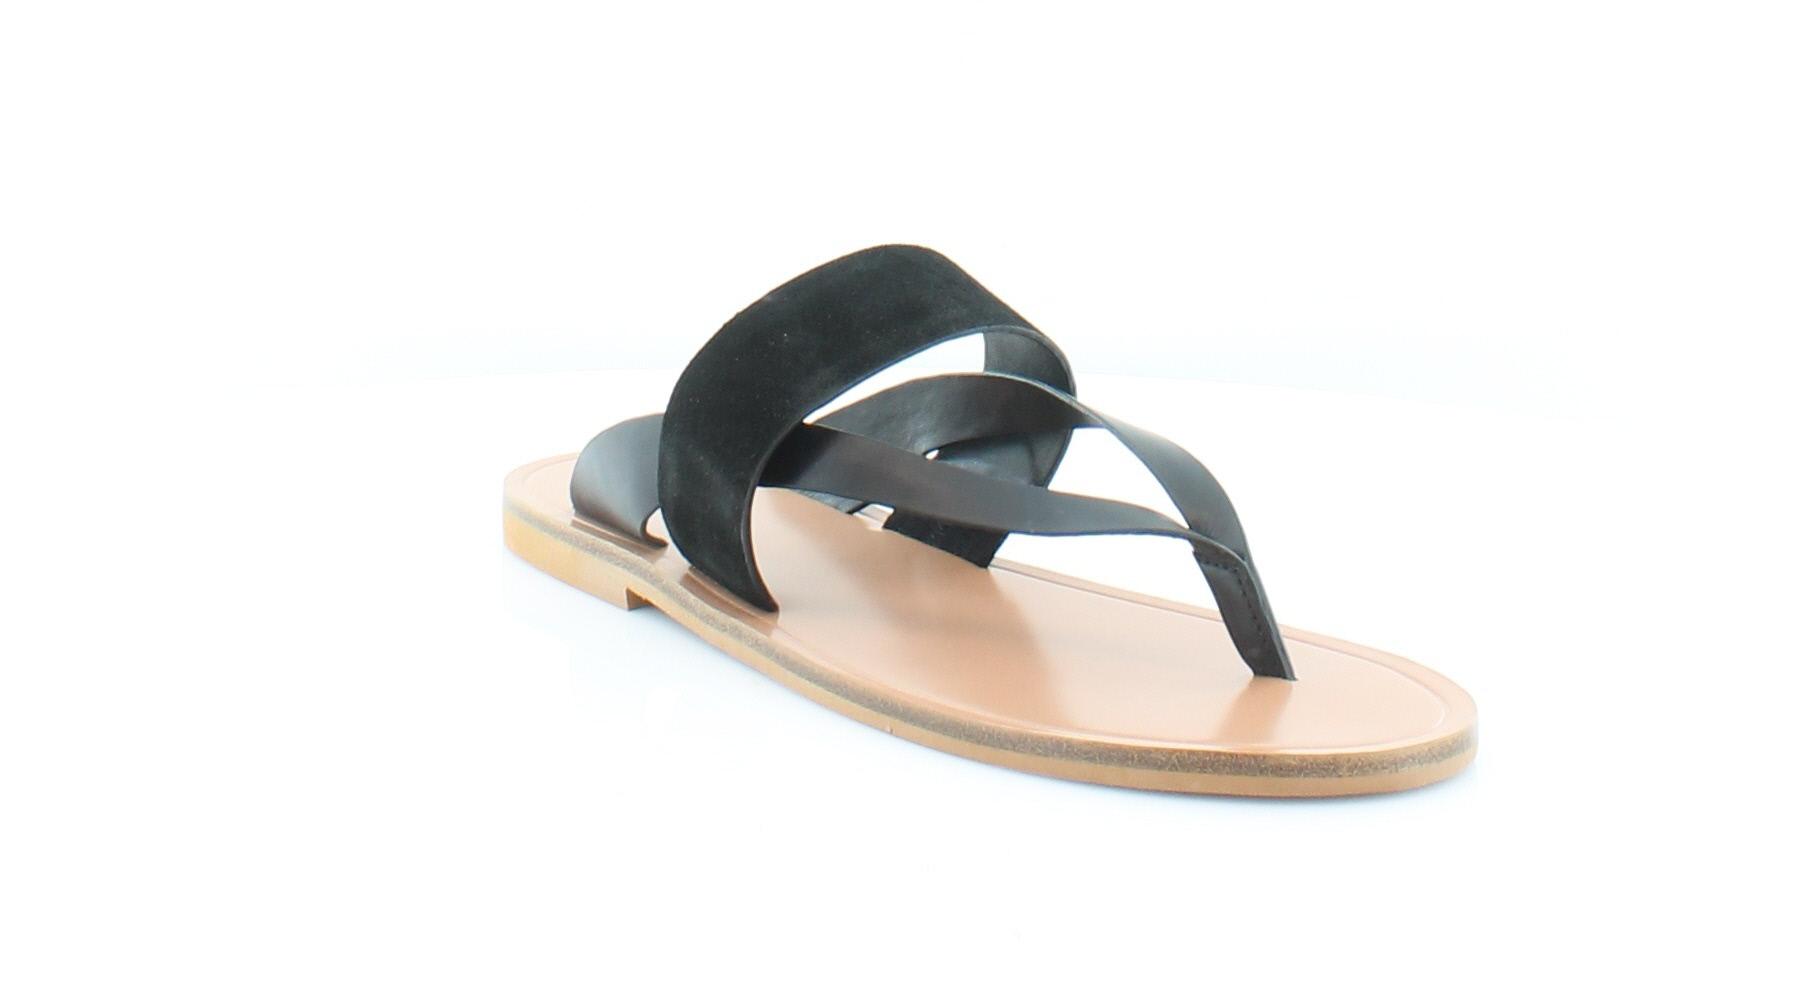 Vince. Tess Women's Sandals & Flip Flops Black Size 7 M